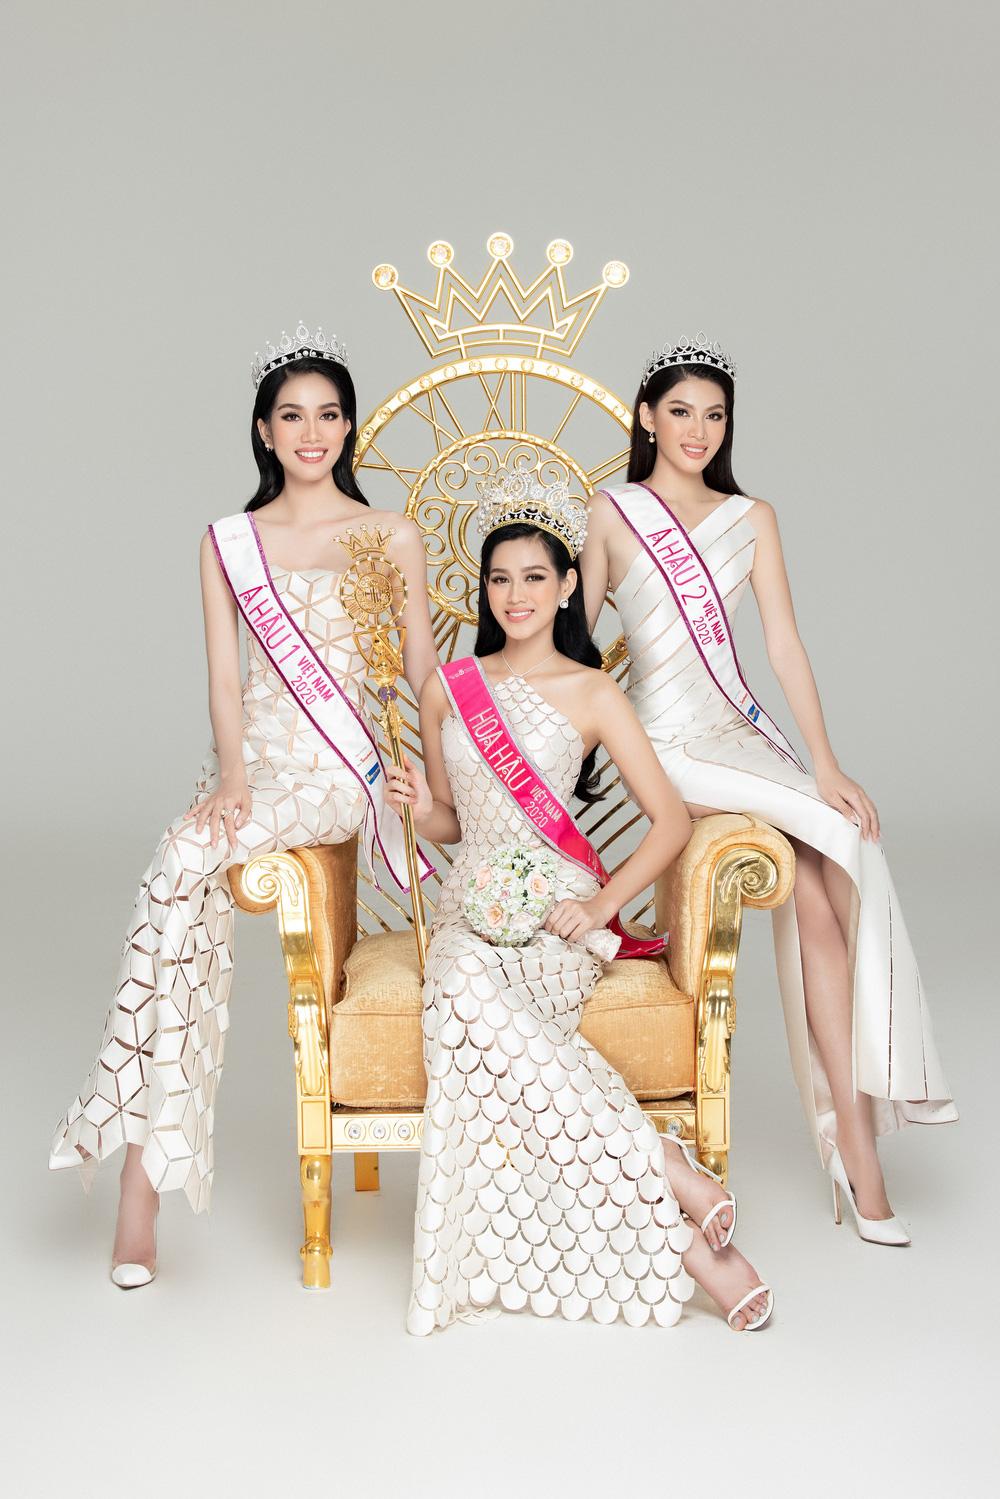 Hoa hậu Đỗ Thị Hà đọ sắc bên hai Á hậu sau 1 tháng đăng quang - Ảnh 3.